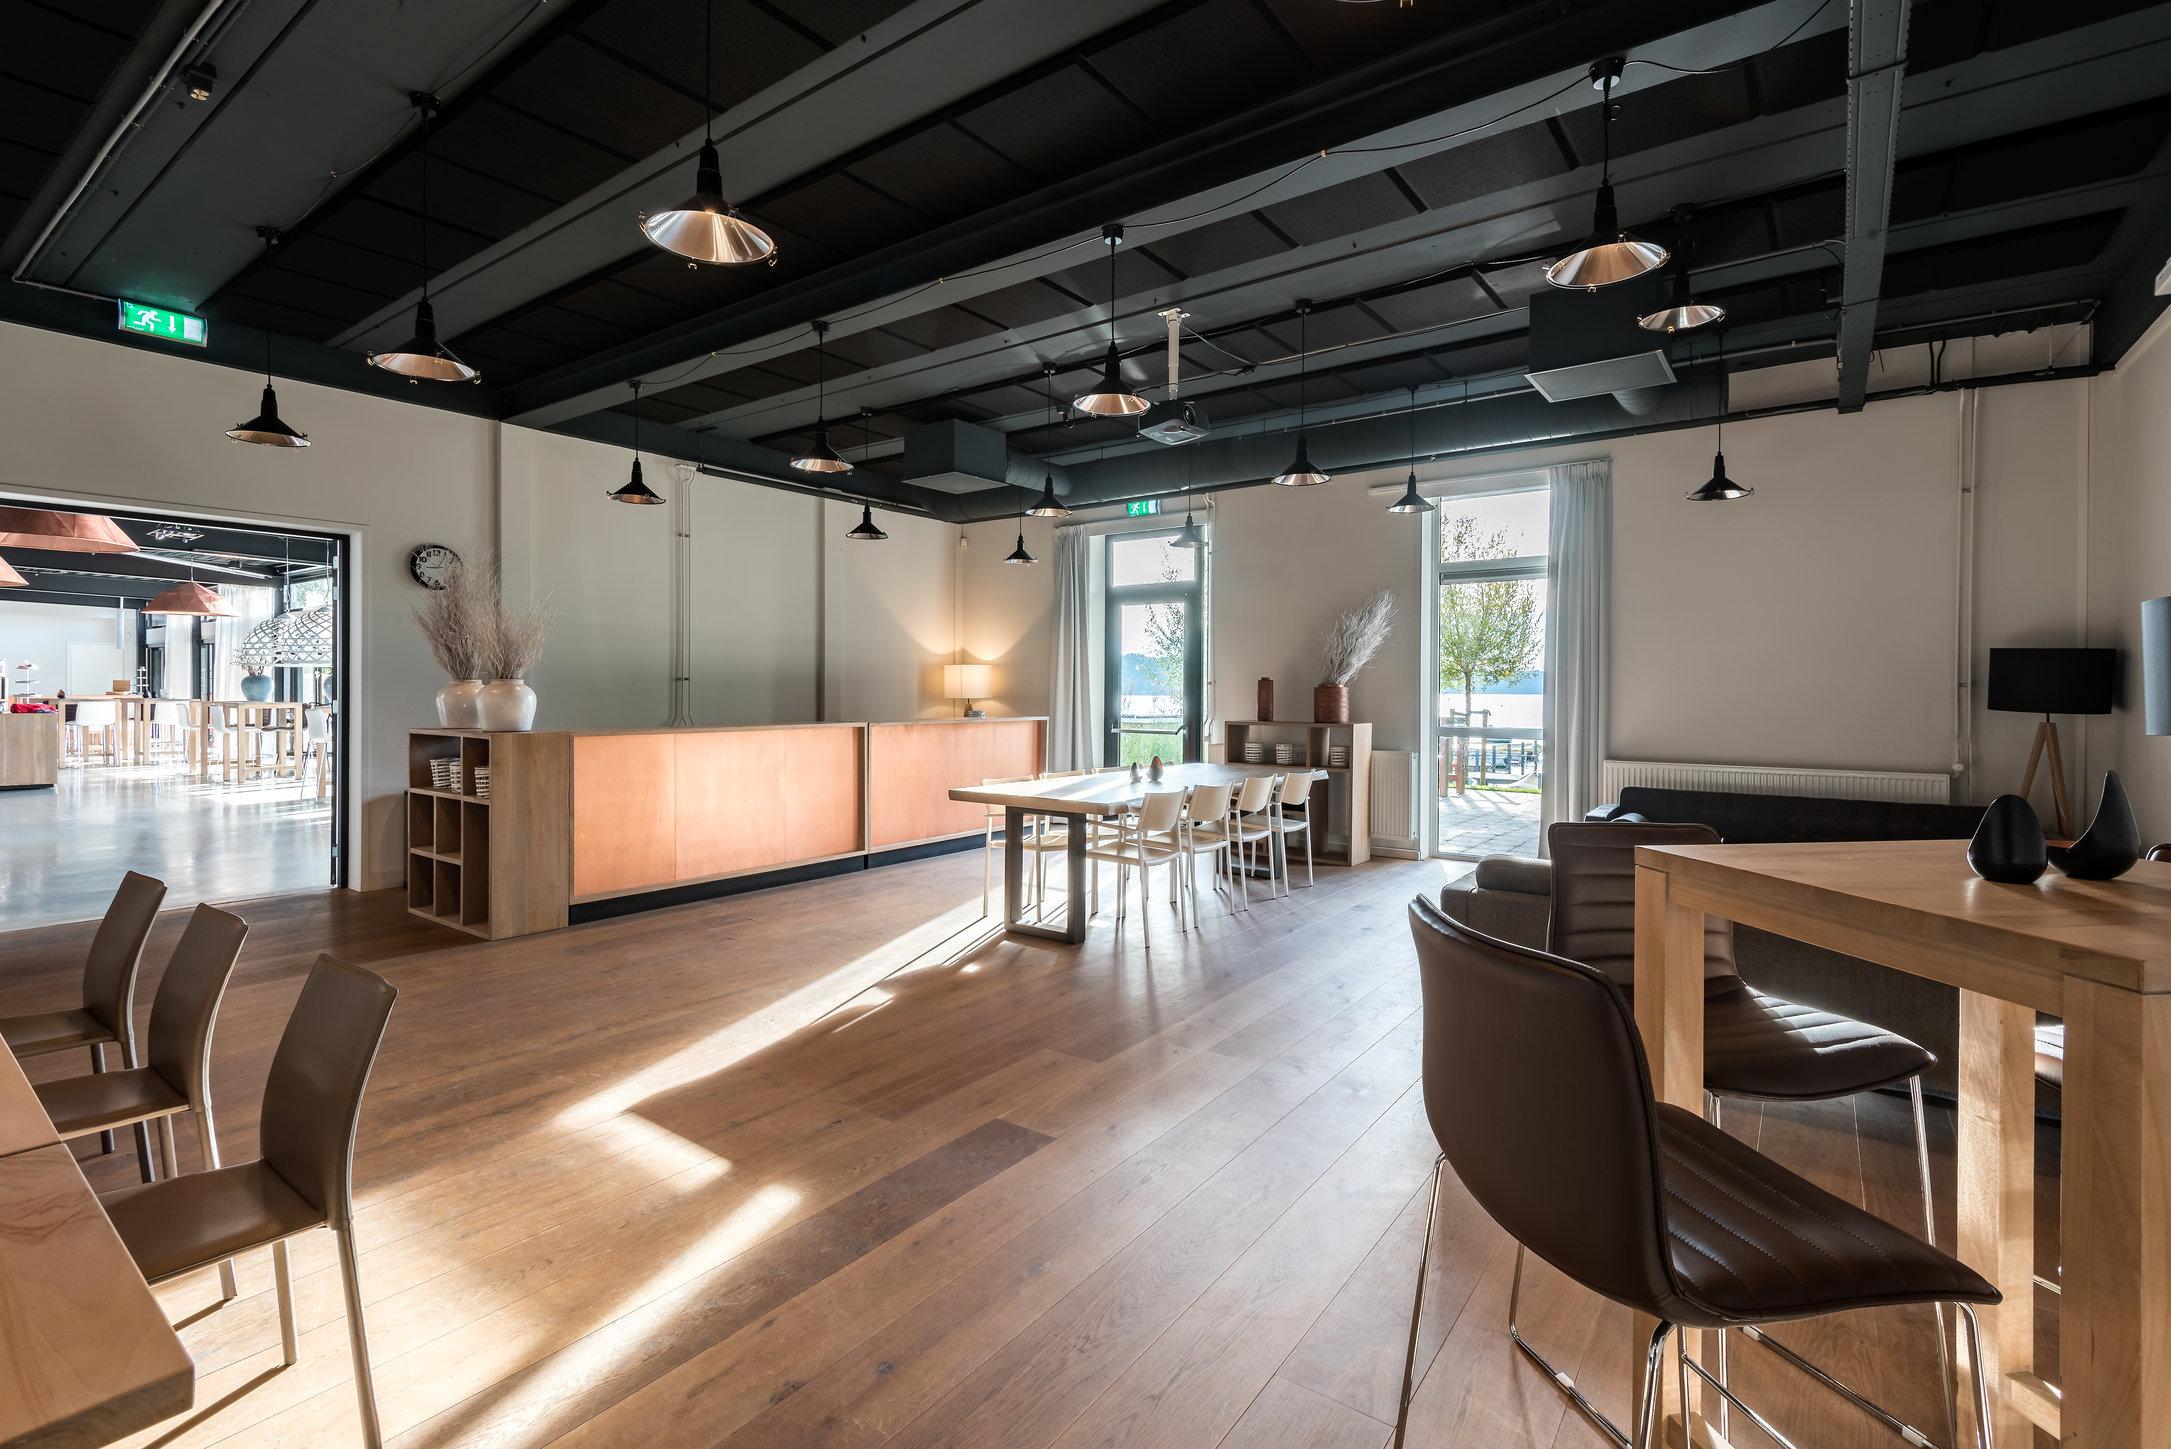 Inn Vorm Inn Style Evenmentencentrum i.o.v. Inn Style